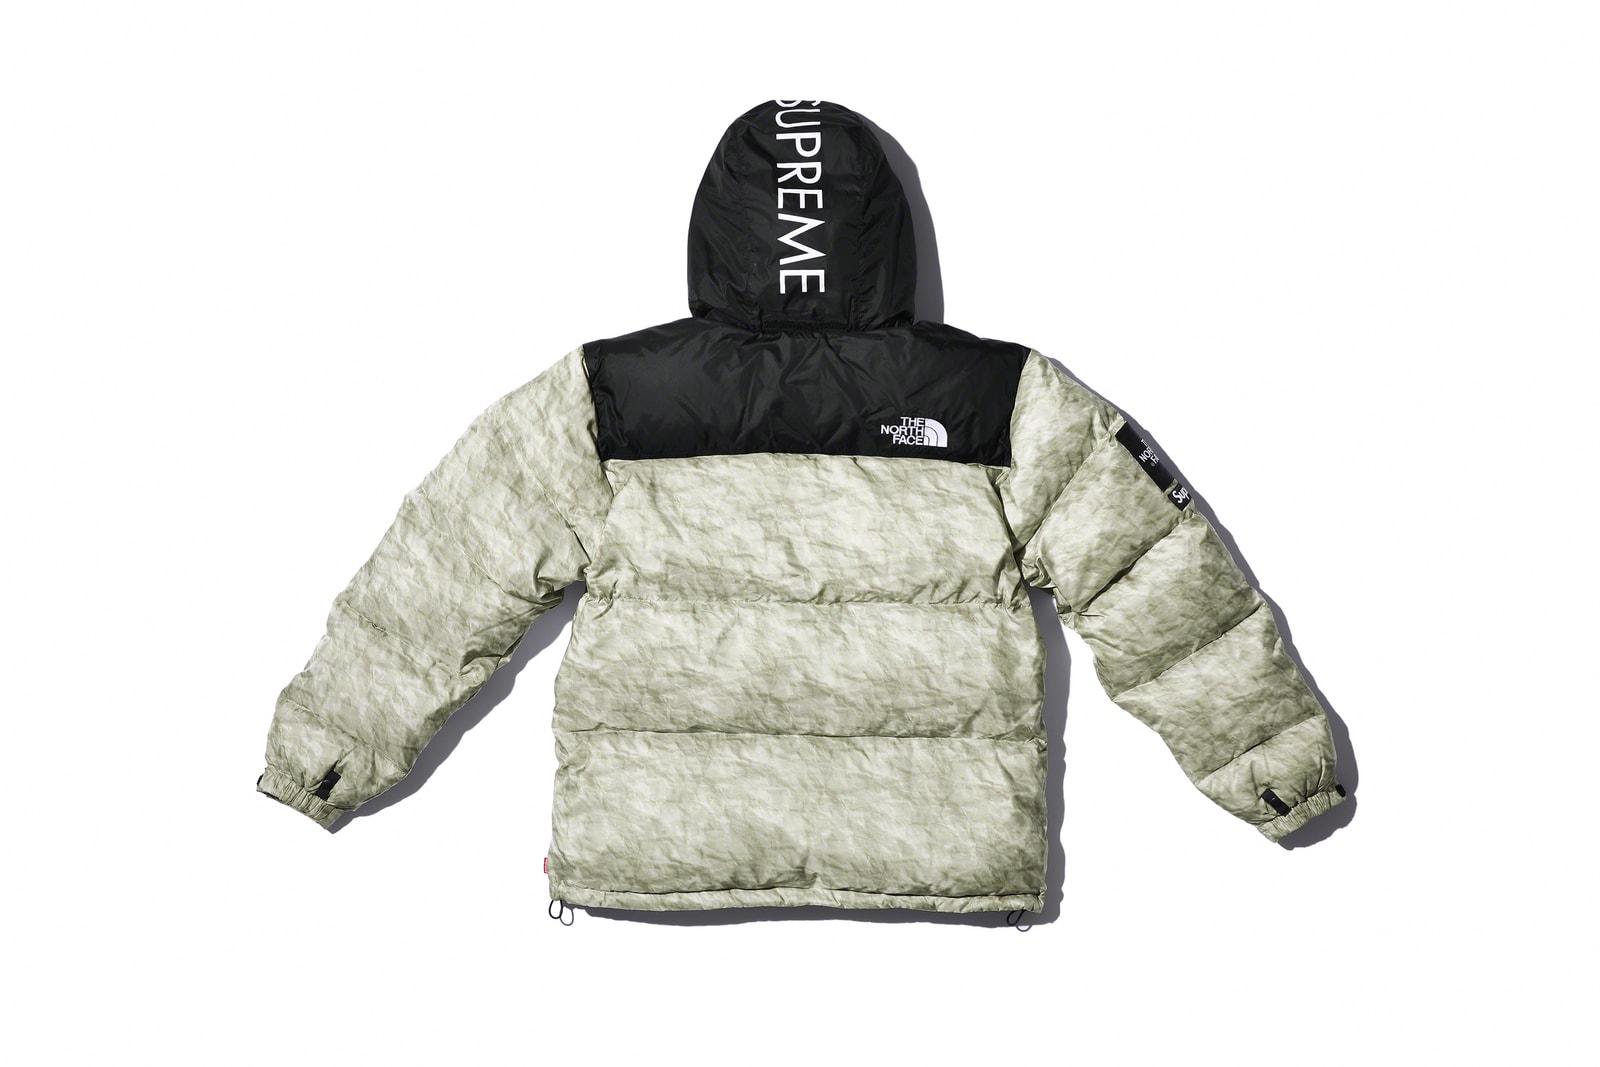 冬季重磅 - Supreme x The North Face 2019 秋冬全新聯乘系列發佈